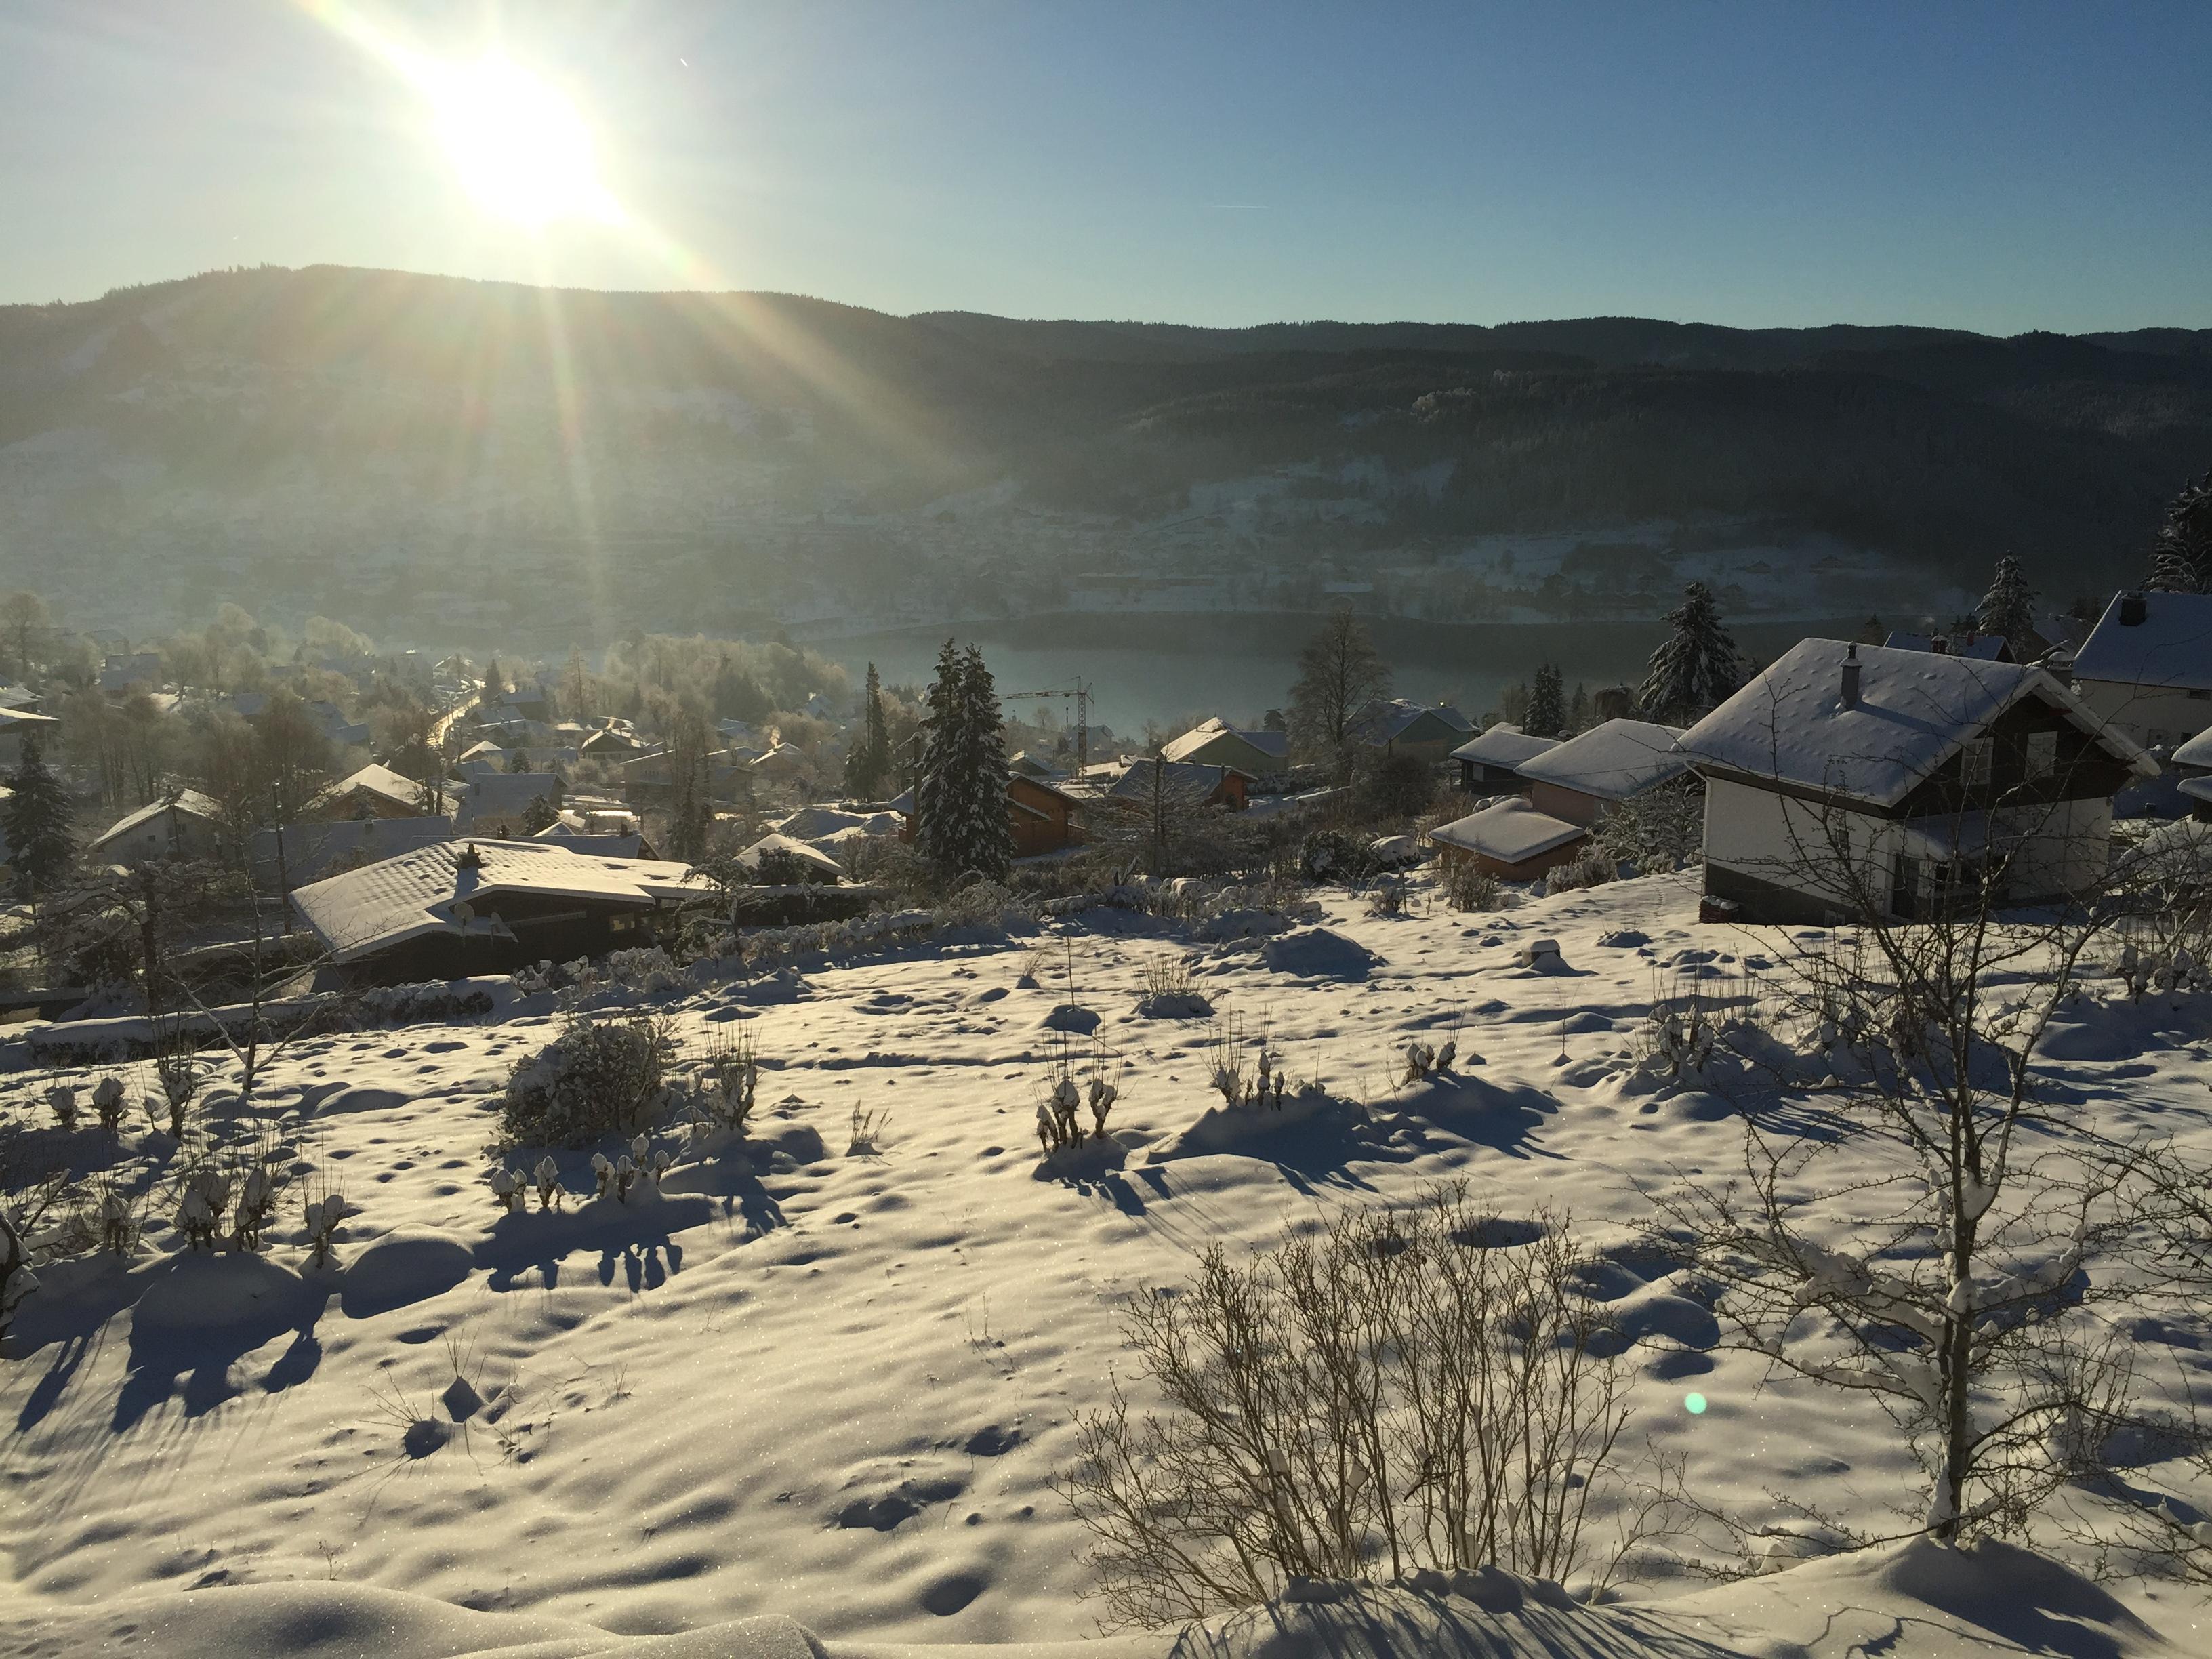 Les Gîtes de l'Alise, neige, soleil